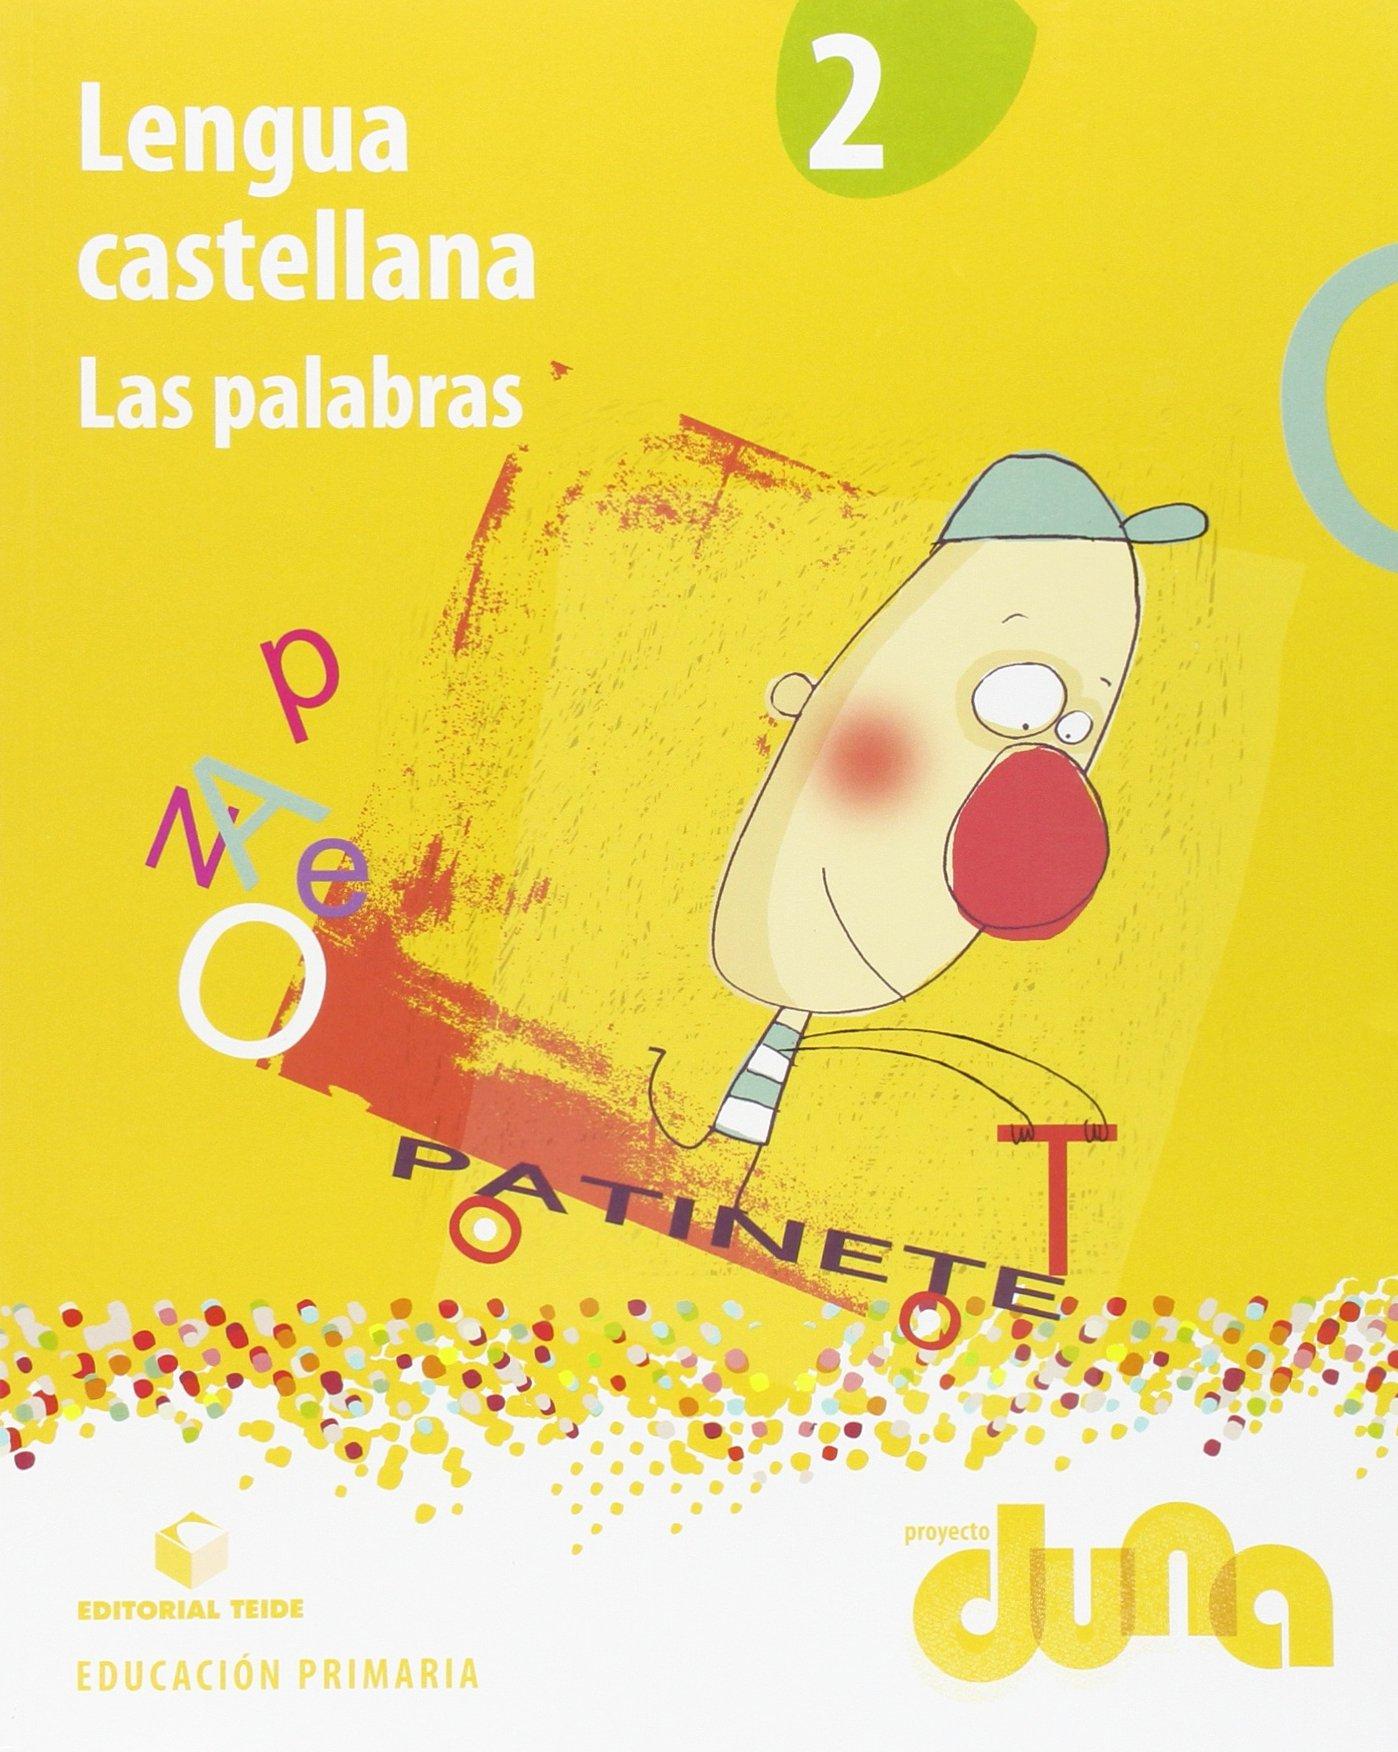 Lengua castellana 2. Las palabras - Proyecto Duna - 9788430720804: Amazon.es: Editorial Teide, S.A.: Libros